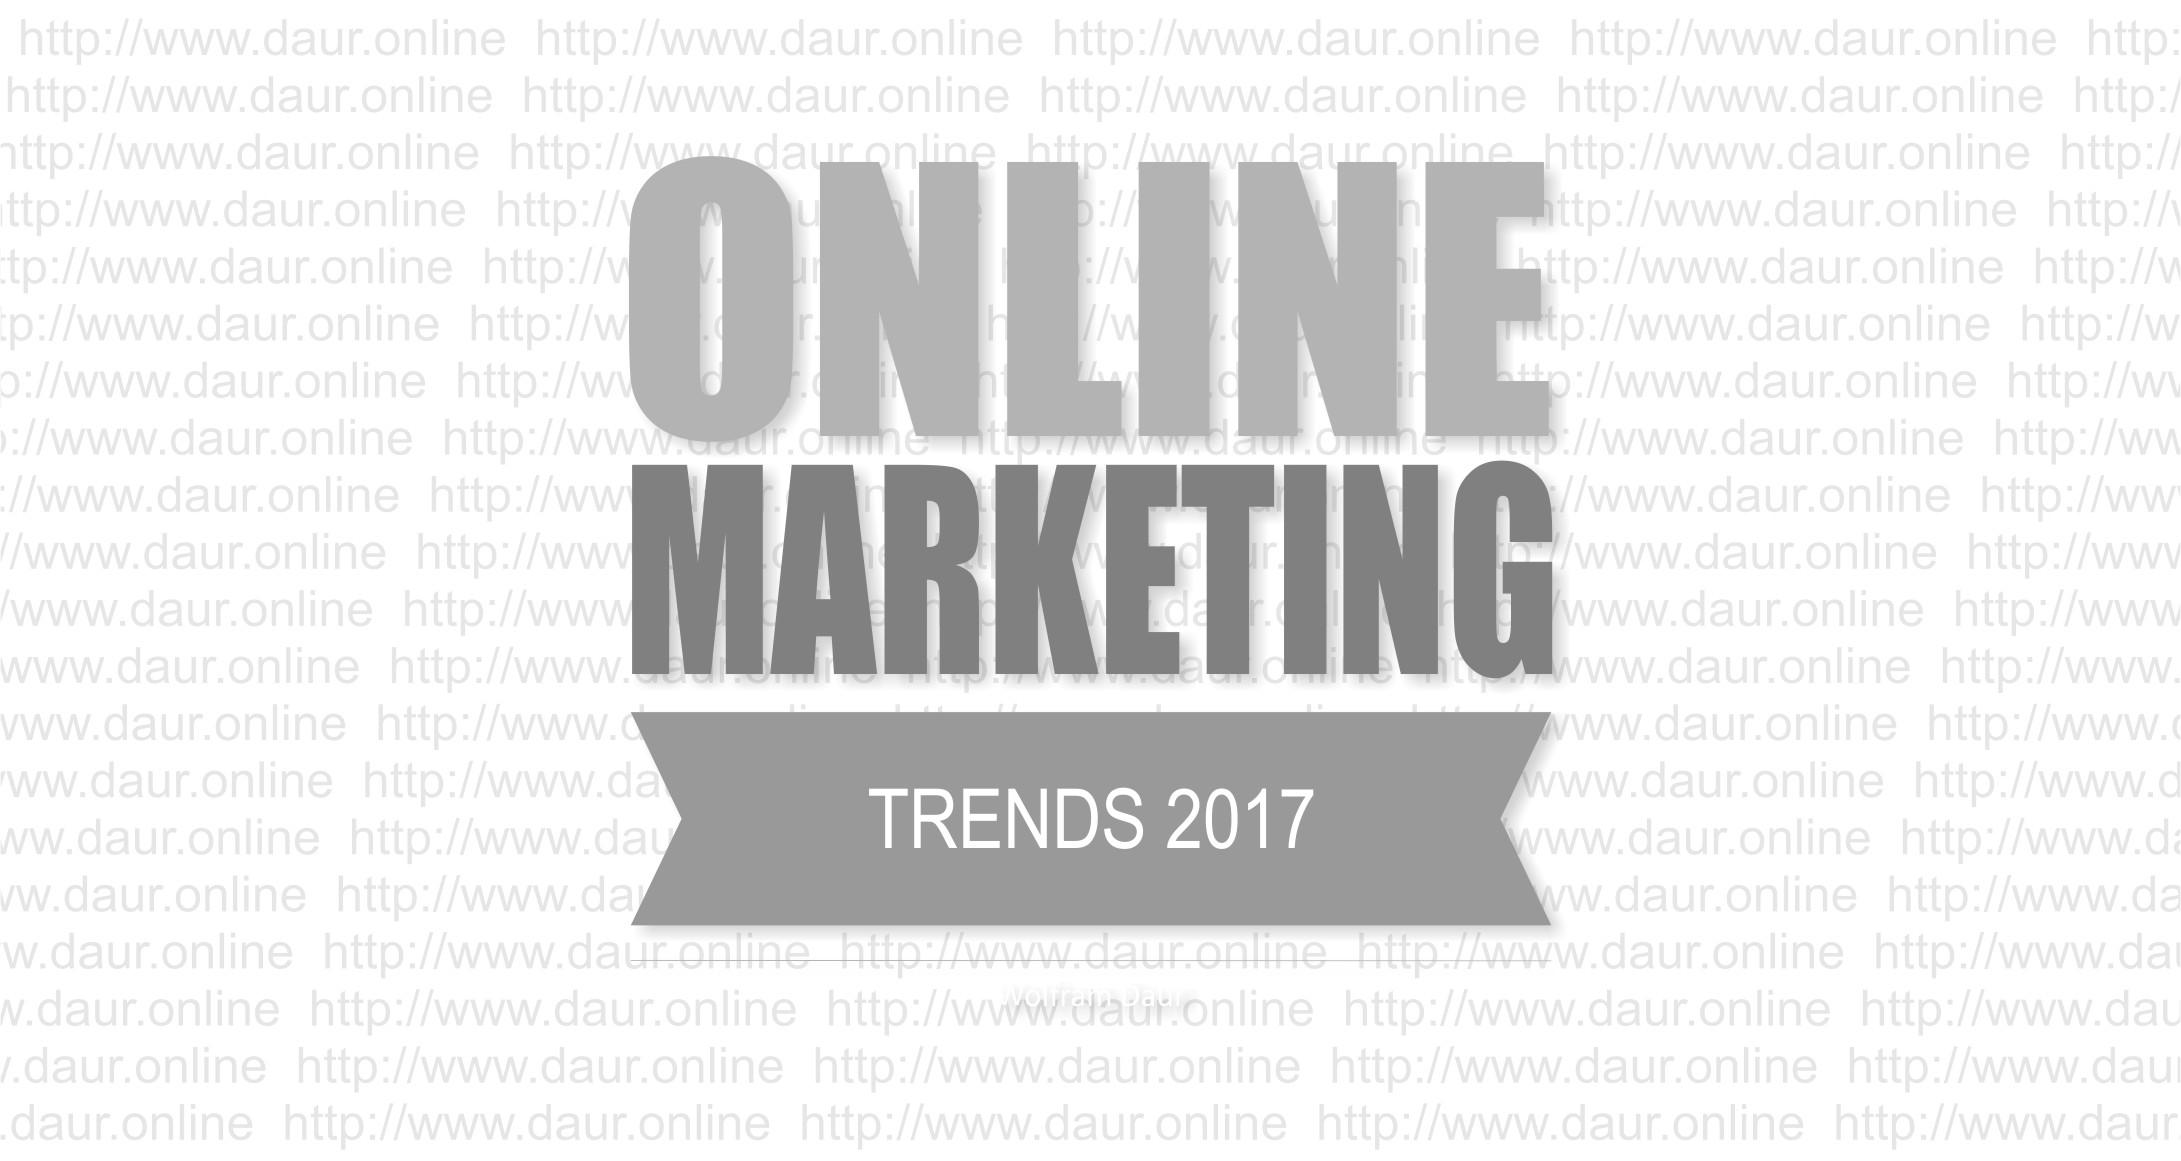 Die Online Marketing Trends 2017